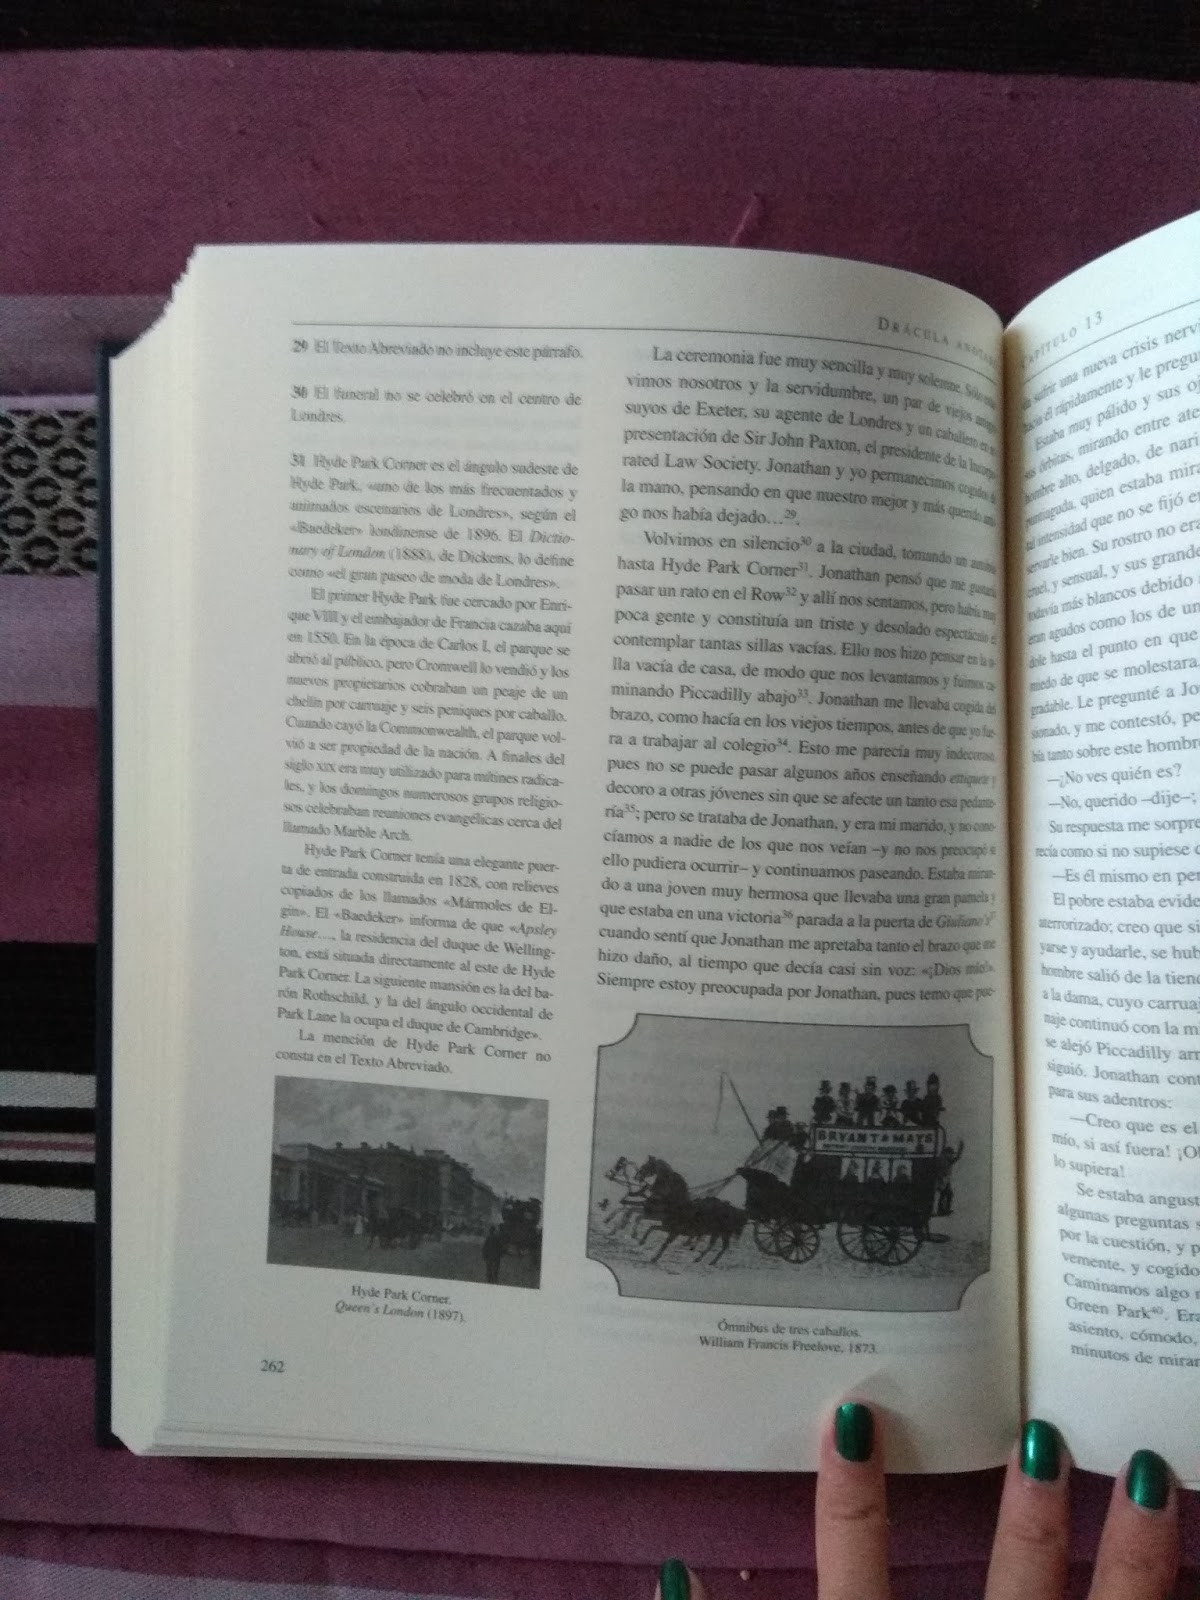 LIBRO DRACULA ANOTADO EBOOK